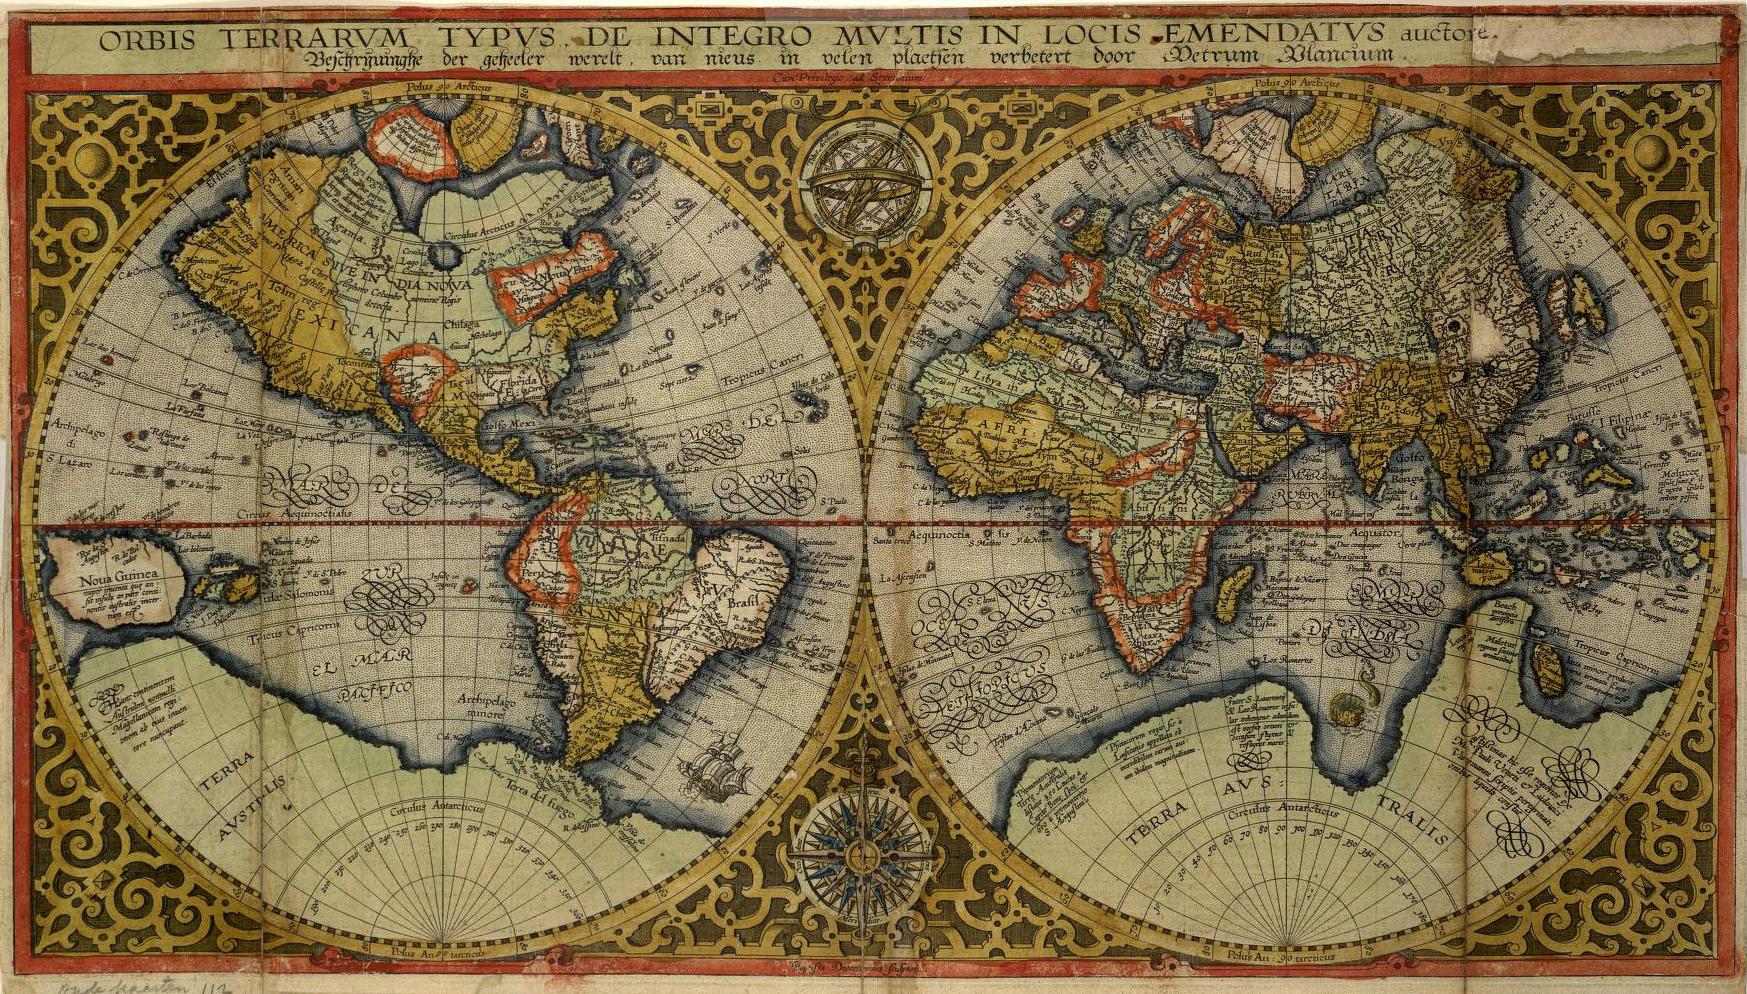 File:1590 Orbis Terrarum Plancius.jpg